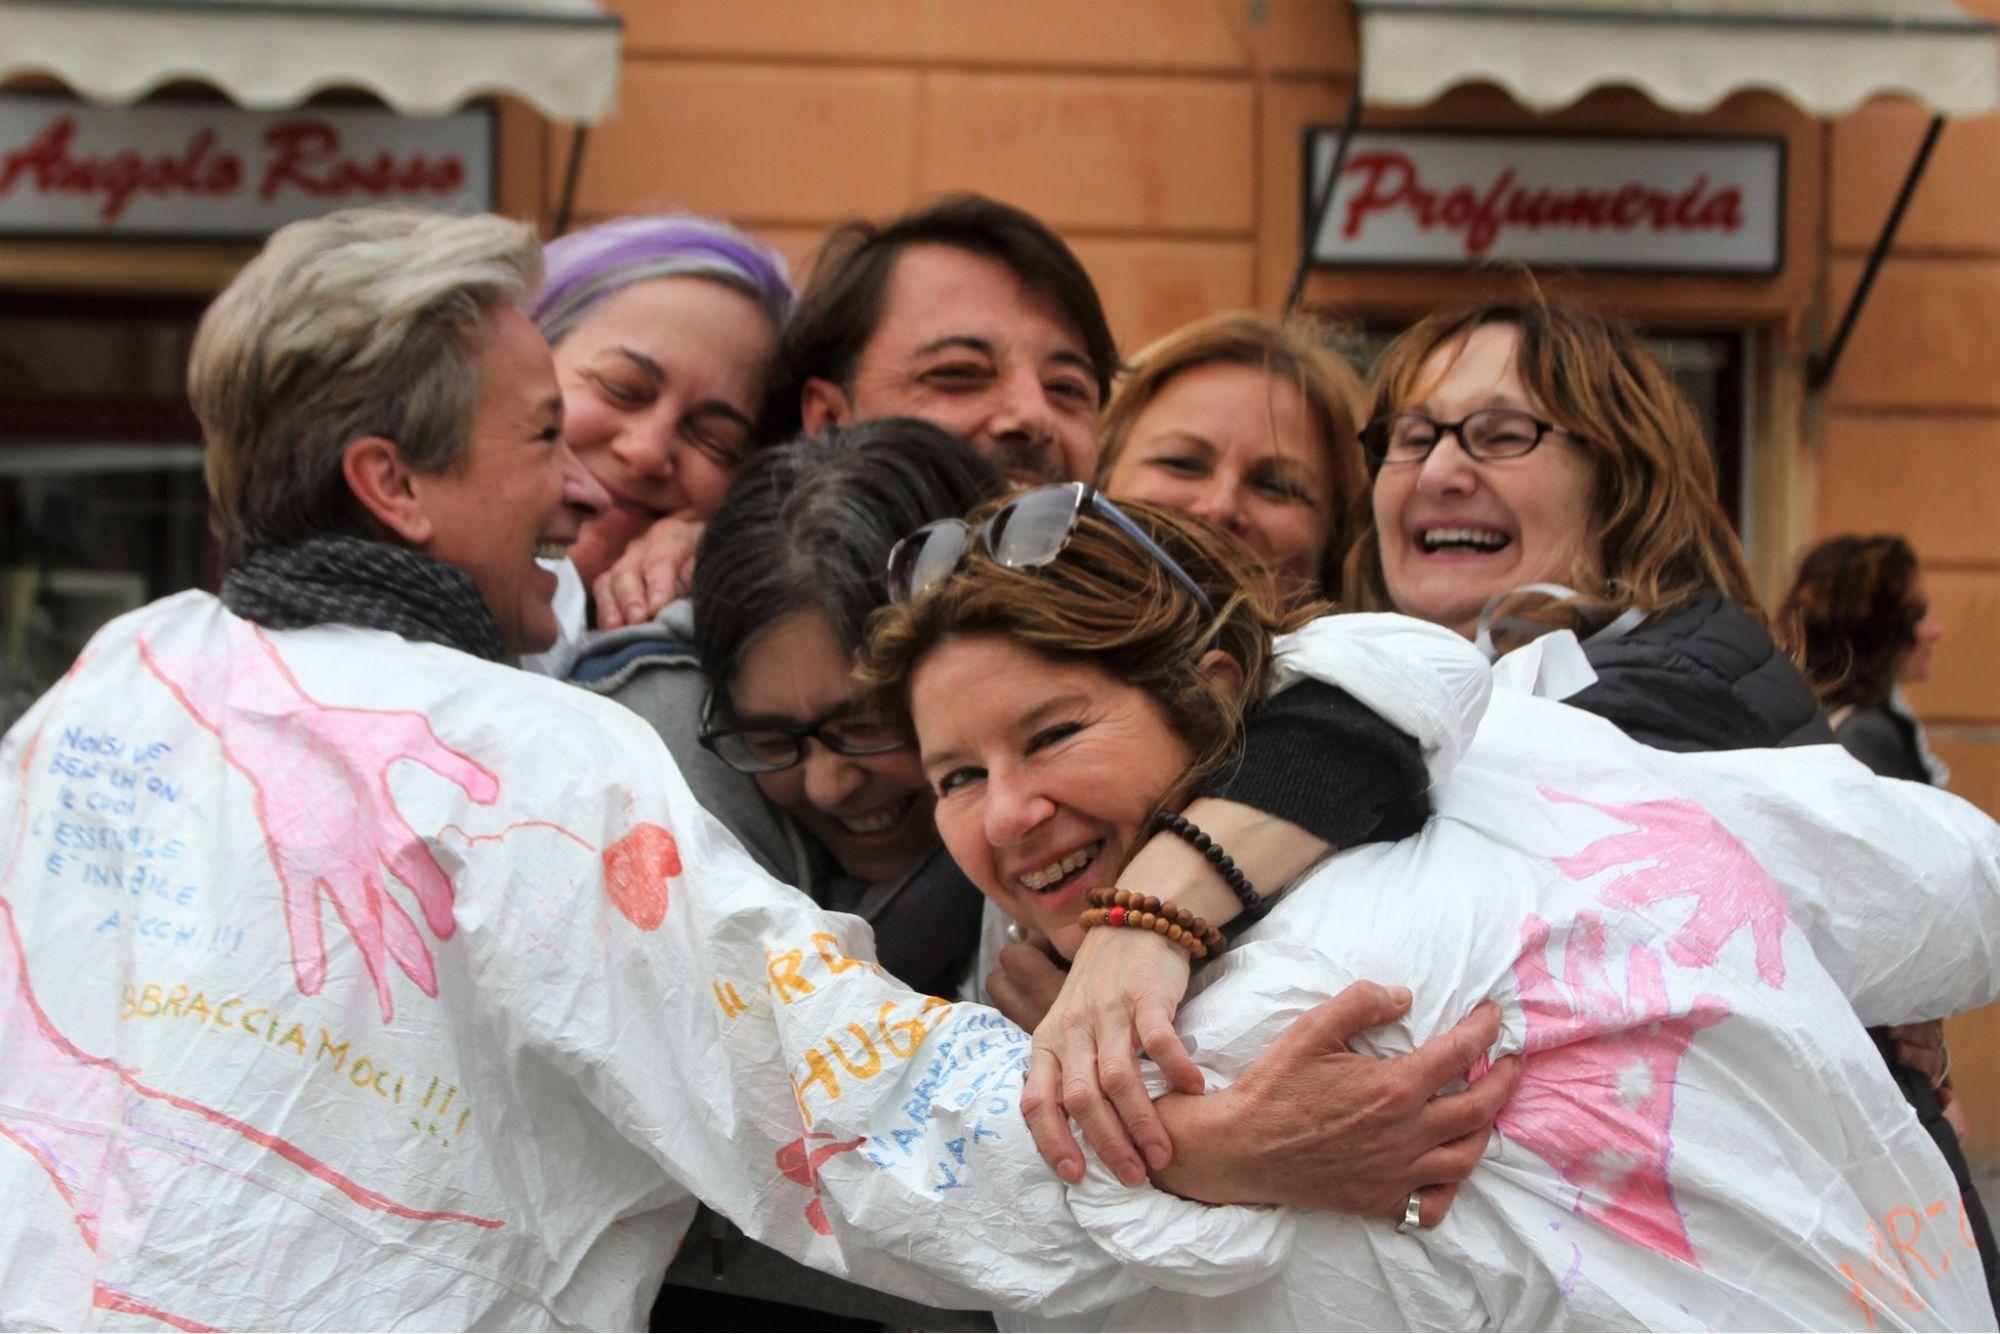 Abbracci gratis in Piazza Duomo per diffondere affetto e positività